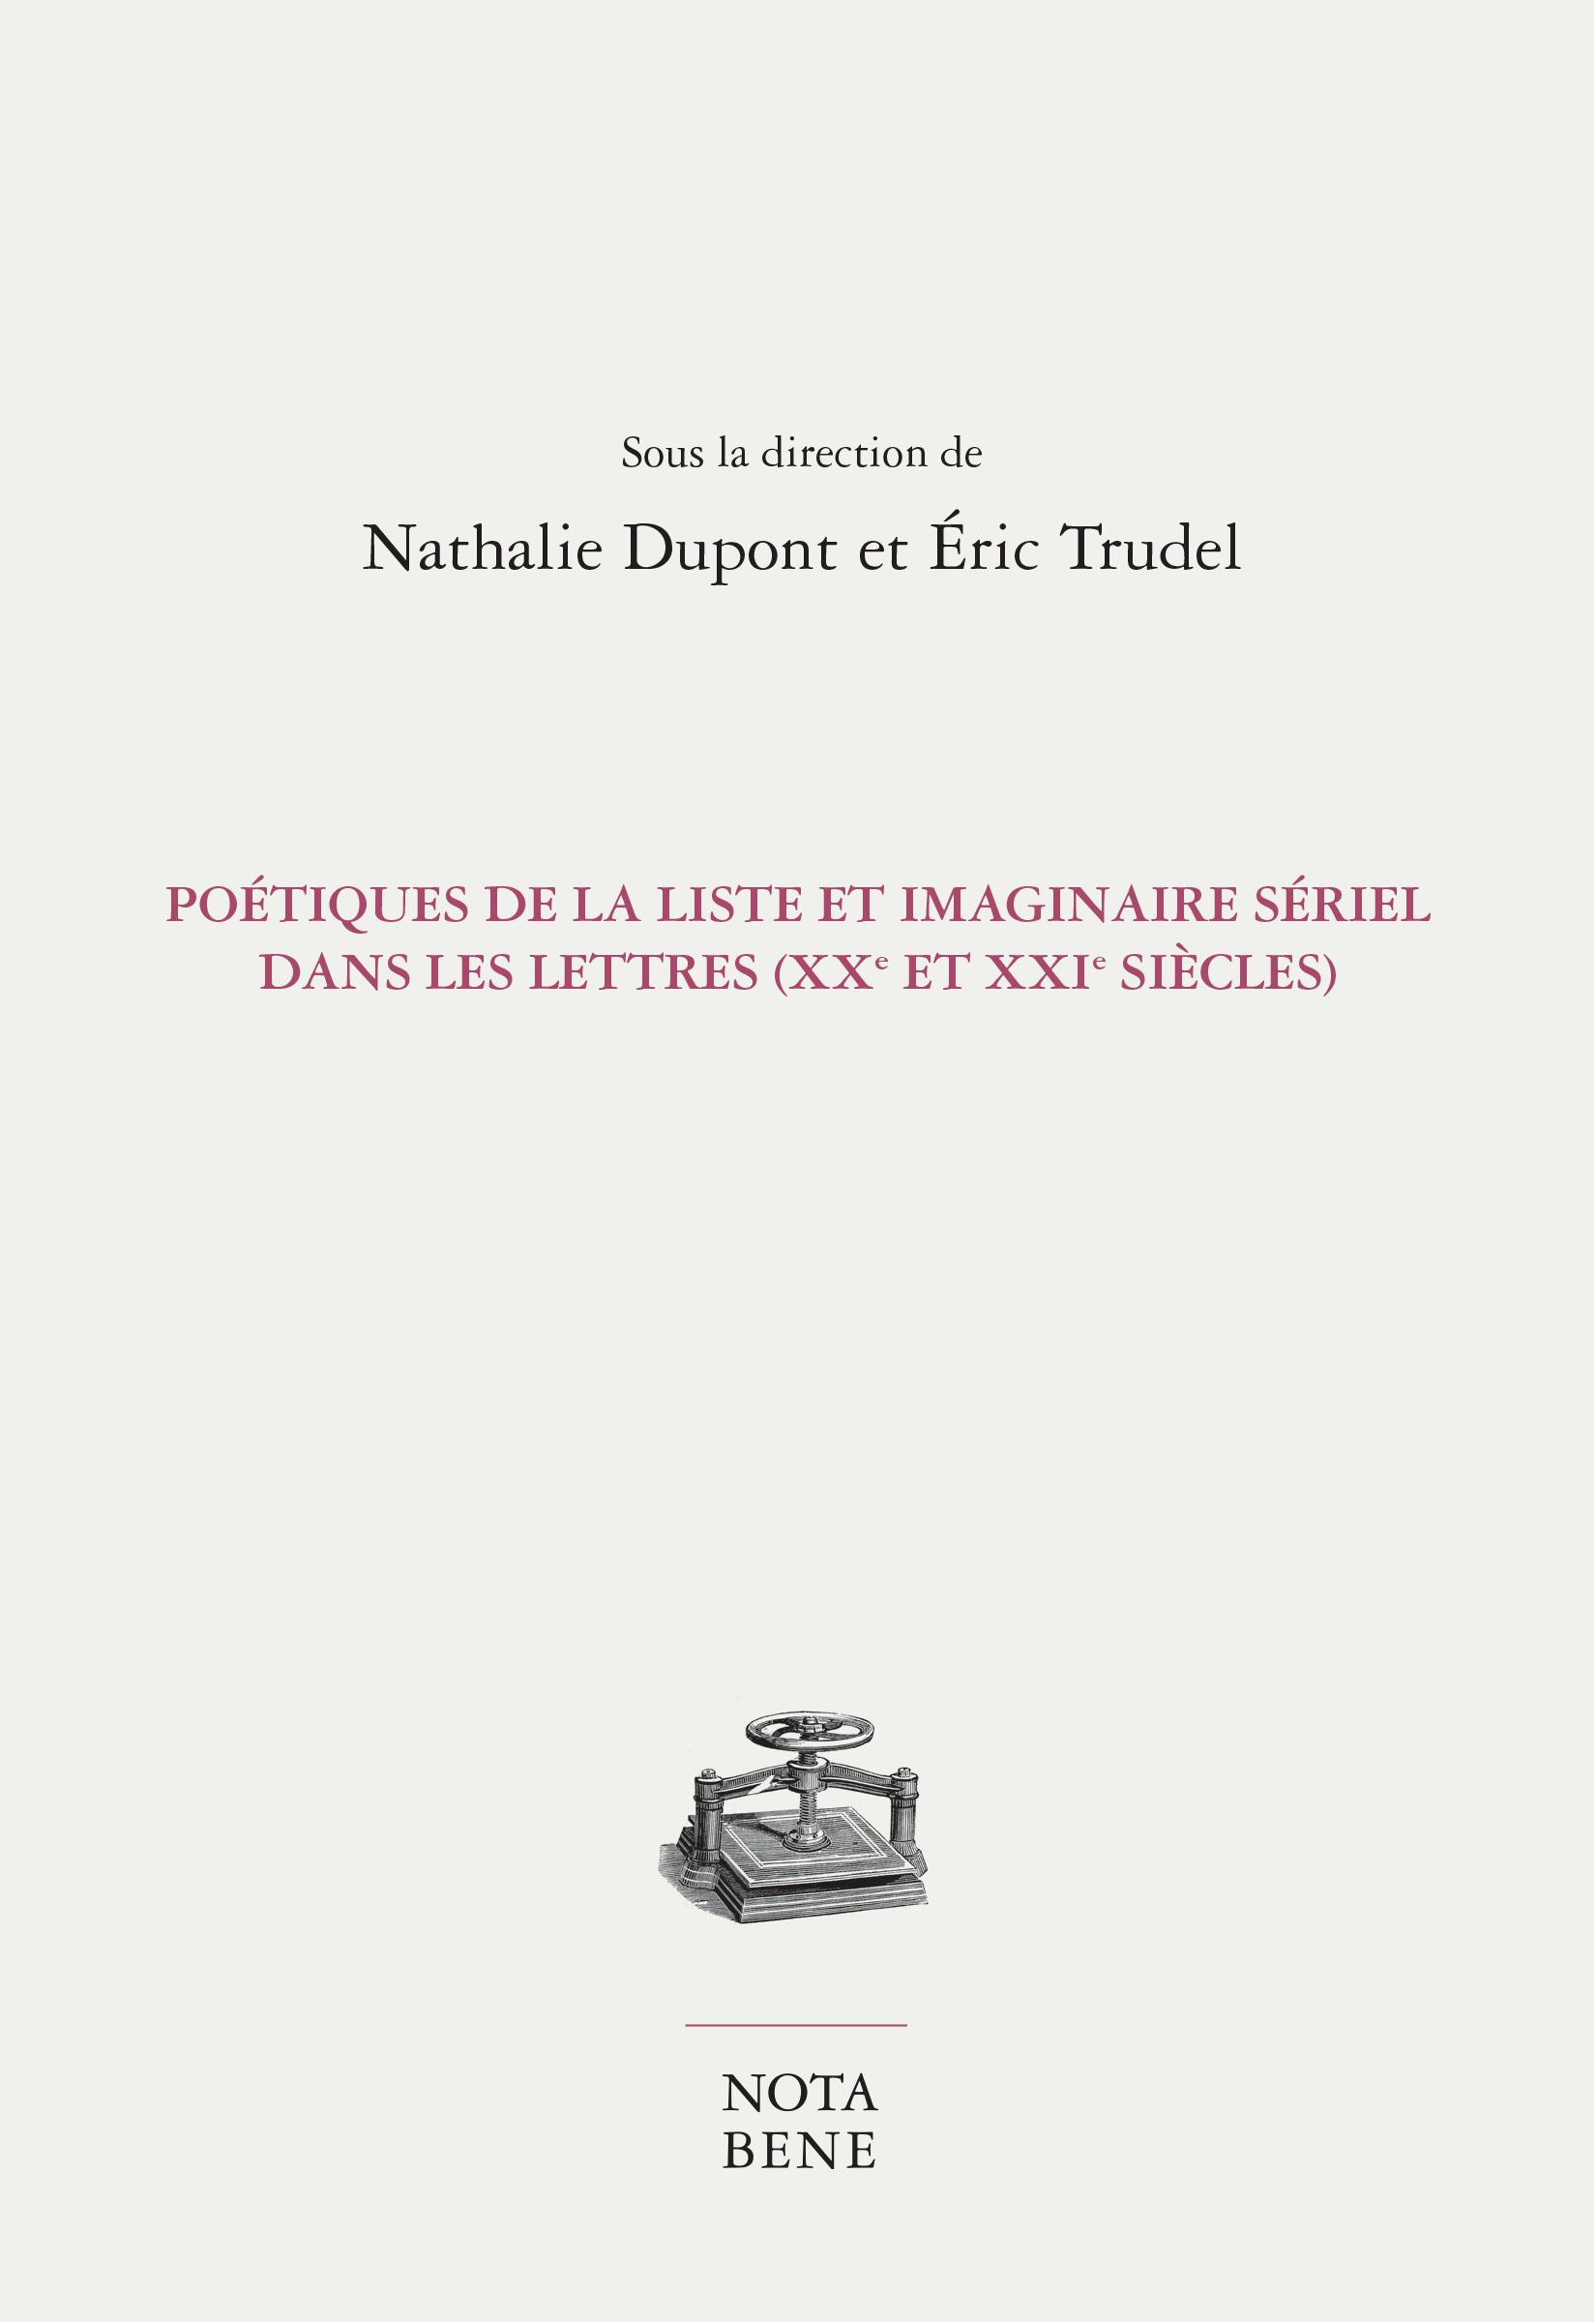 N. Dupont, É. Trudel, Poétiques de la liste et imaginaire sériel dans les lettres (XXe et XXIe siècle)